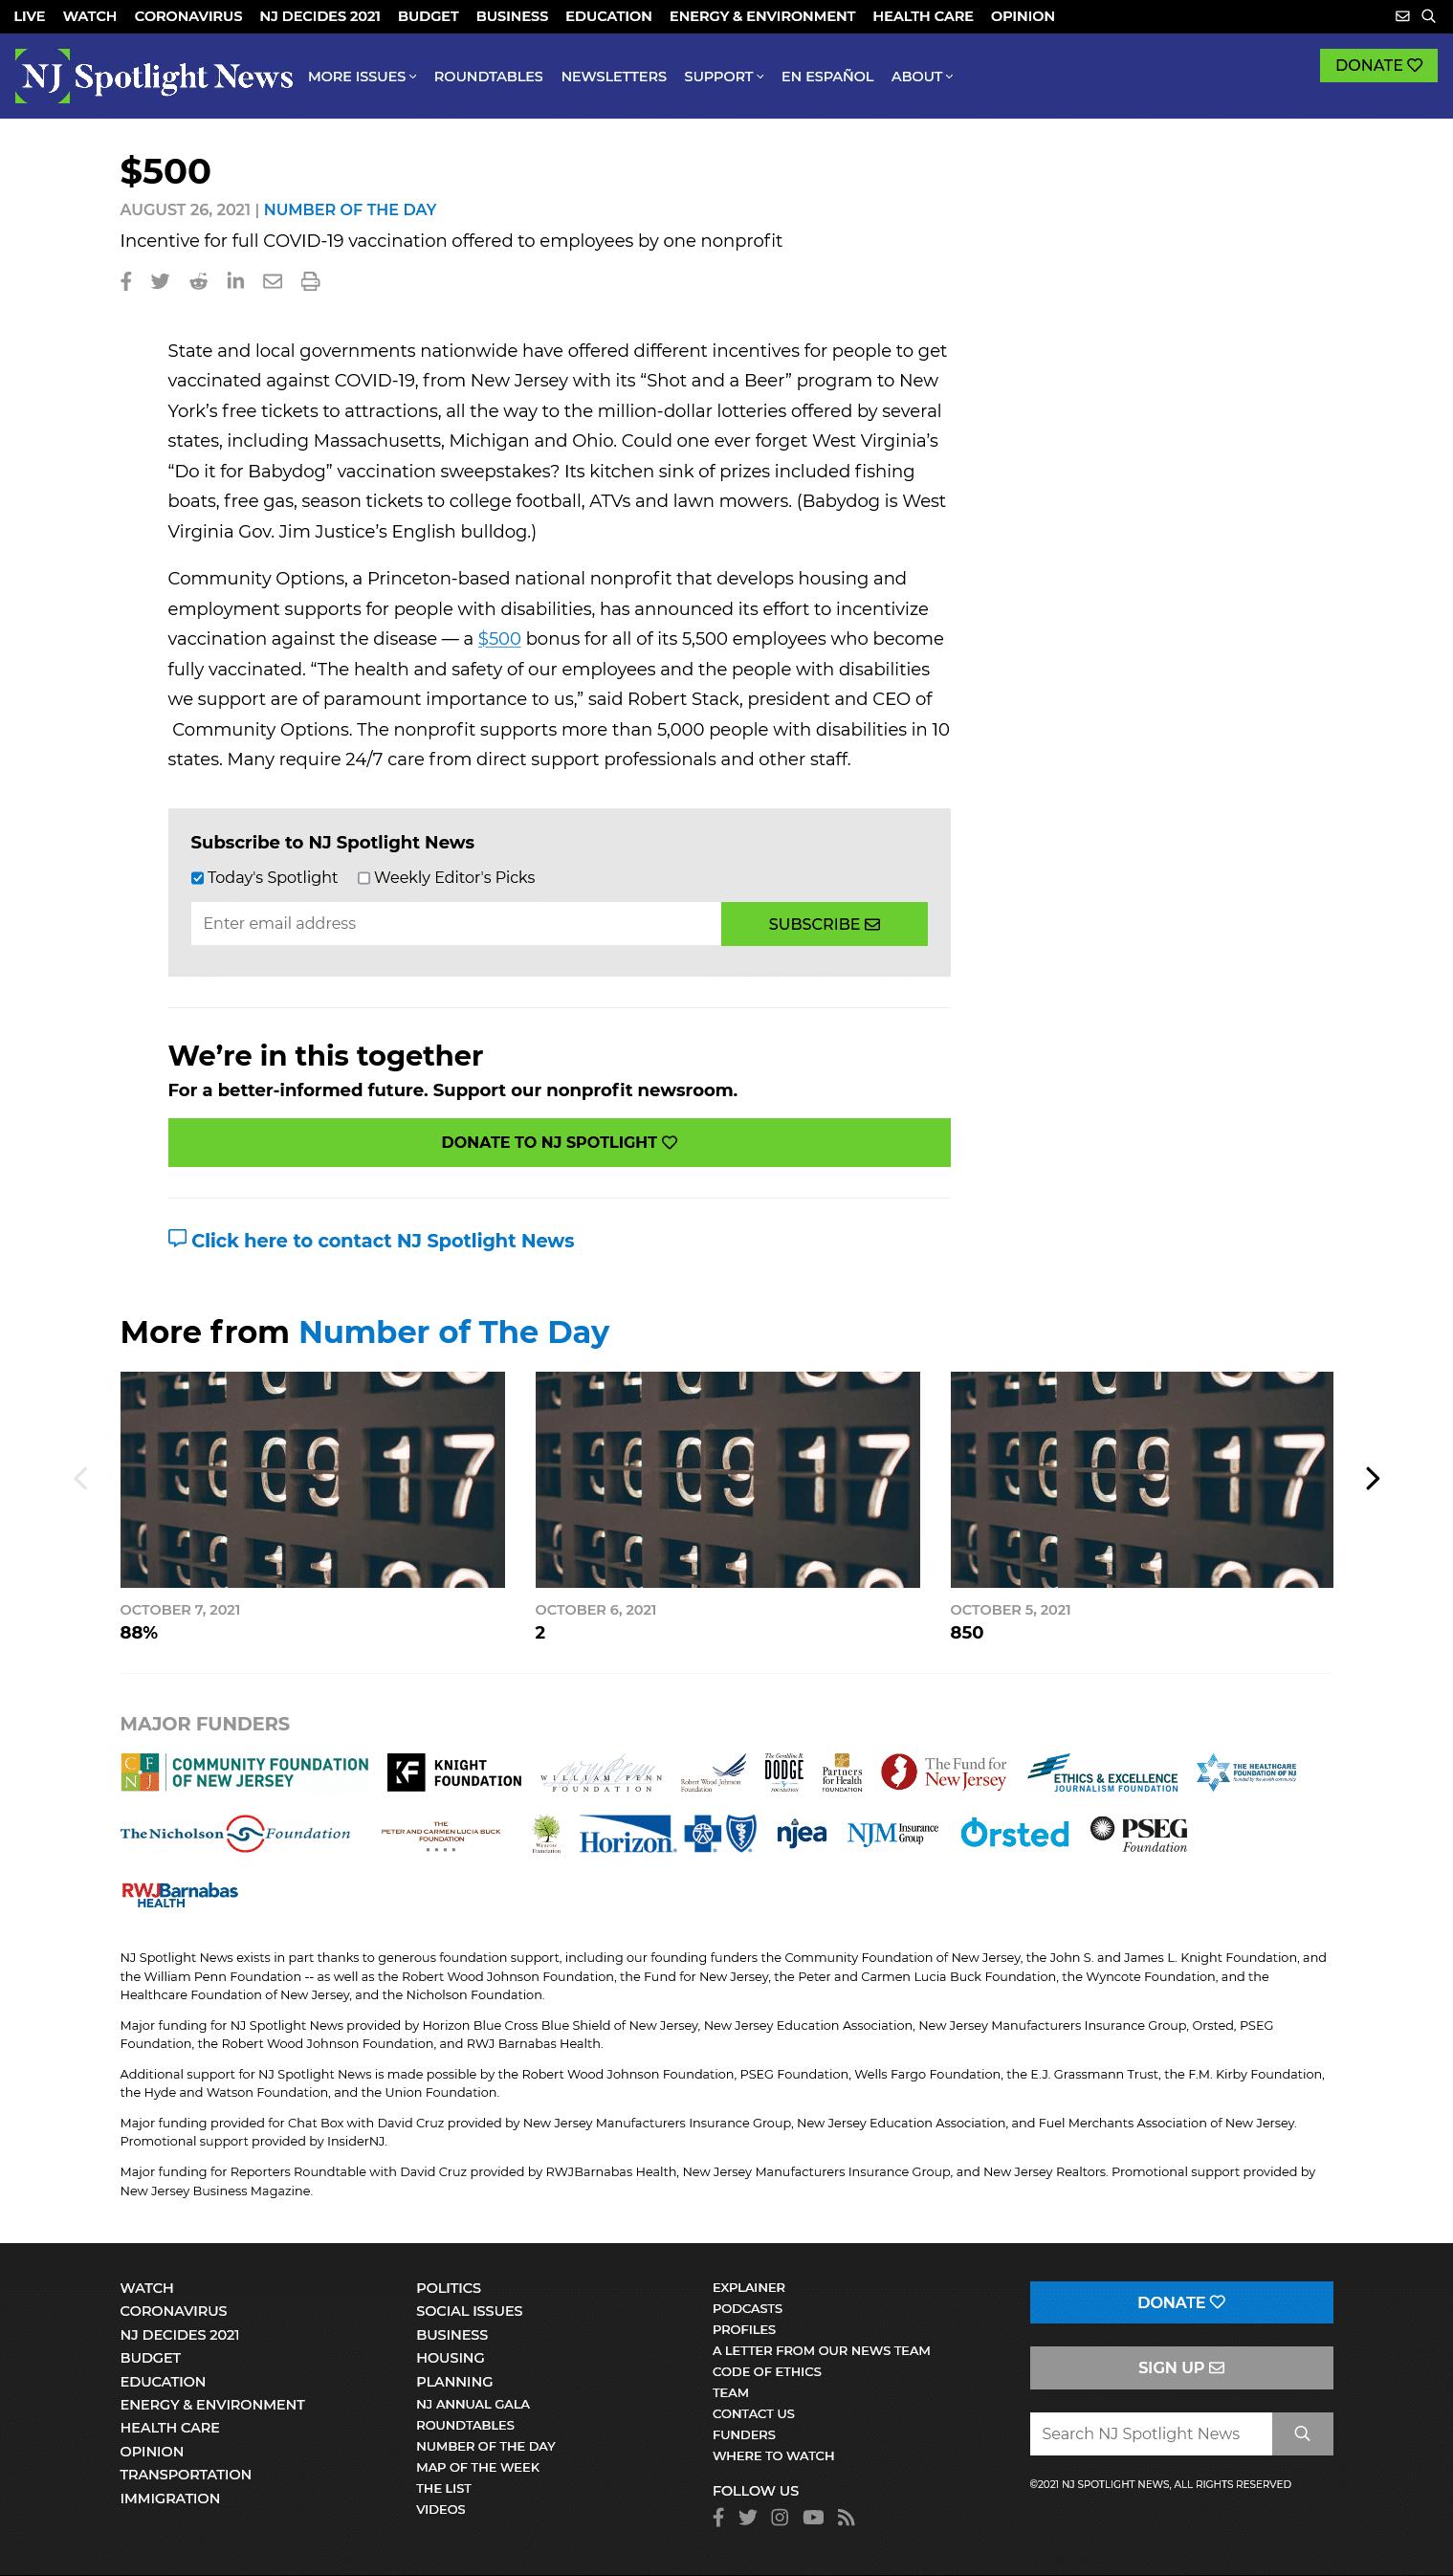 njspotlight.com